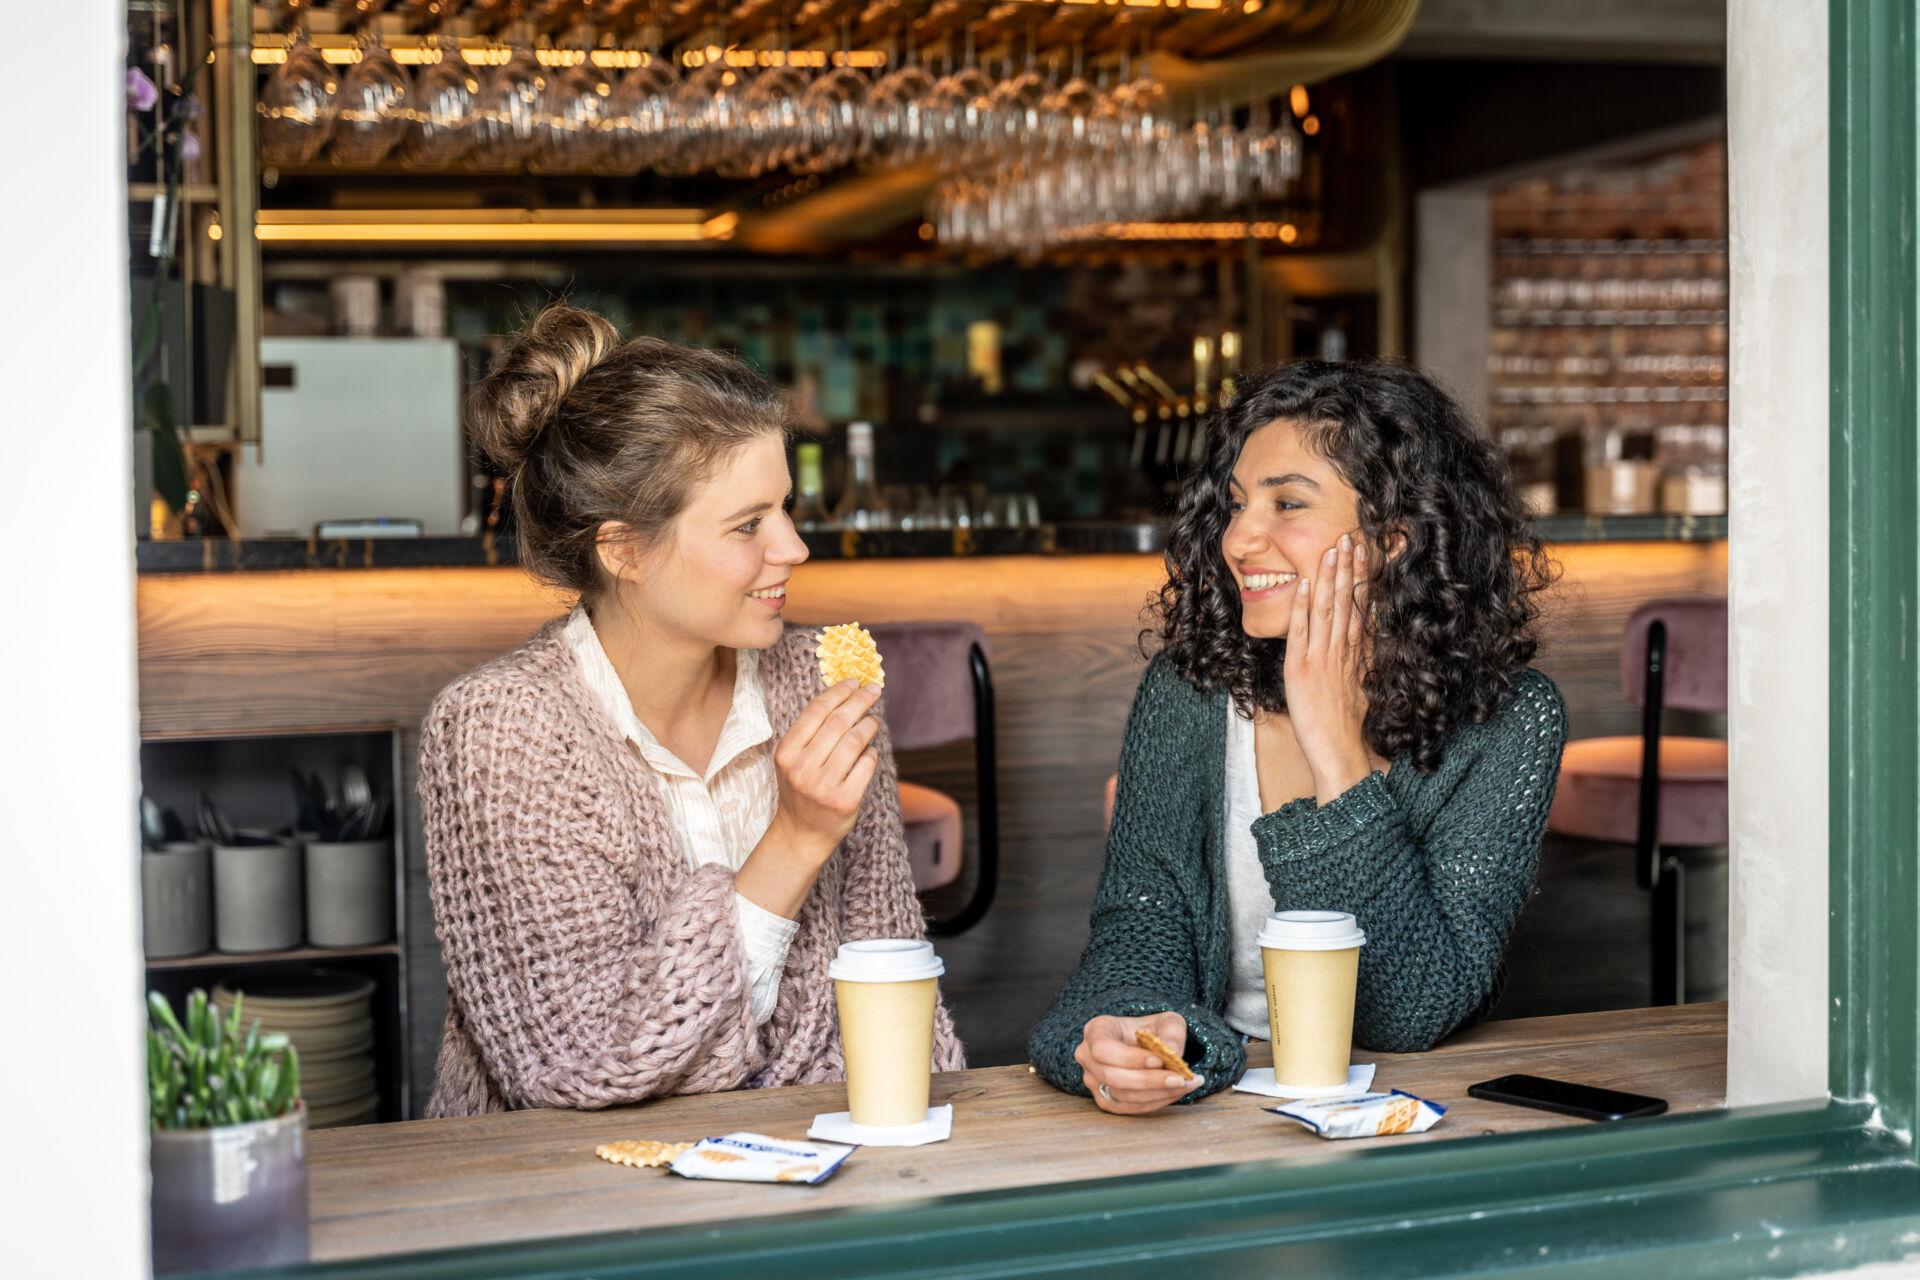 Girlfriends café